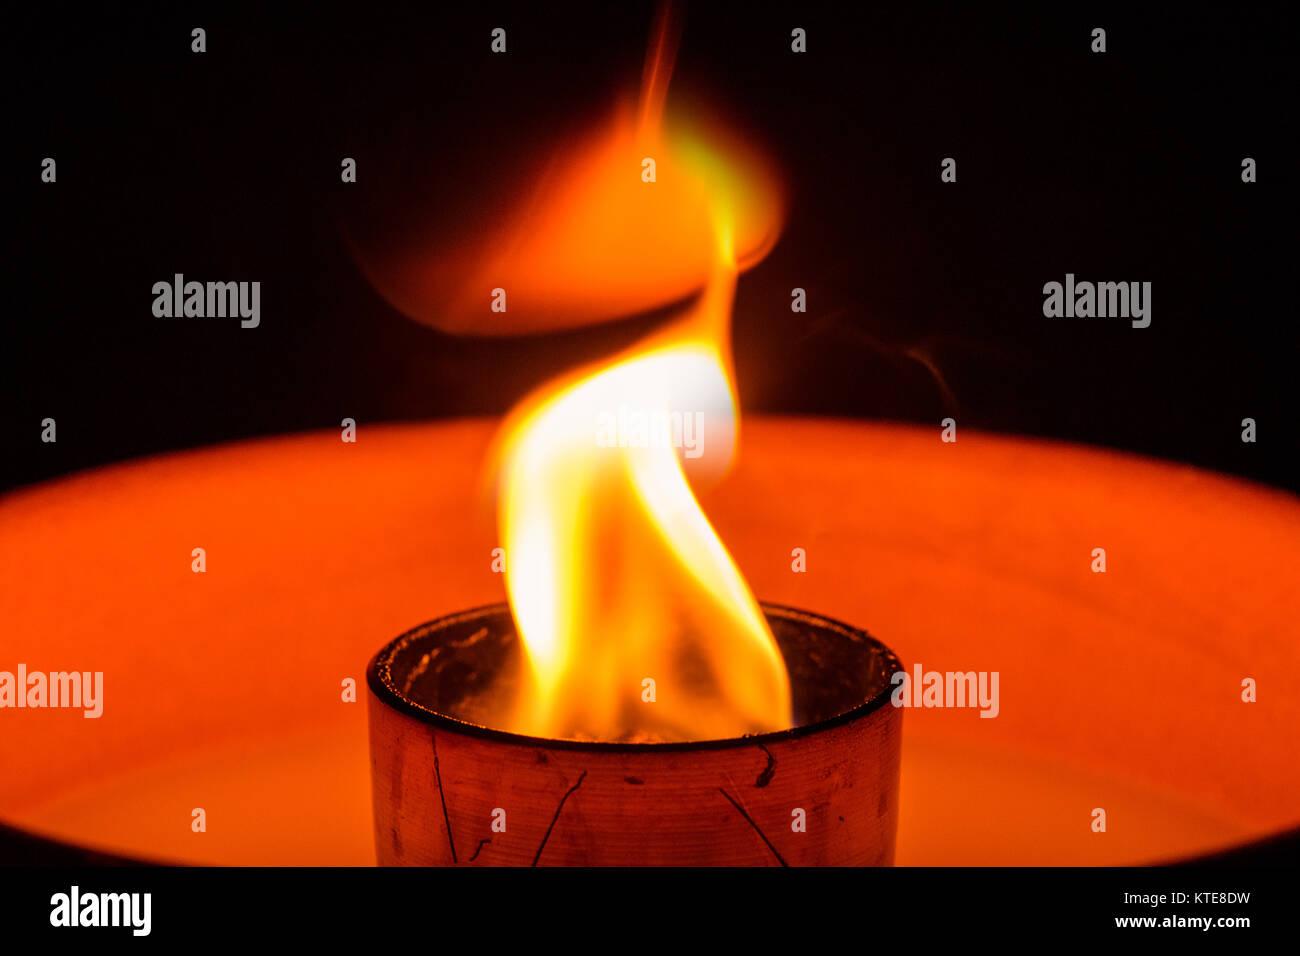 Llama de Waxburner en la oscuridad. Imagen De Stock